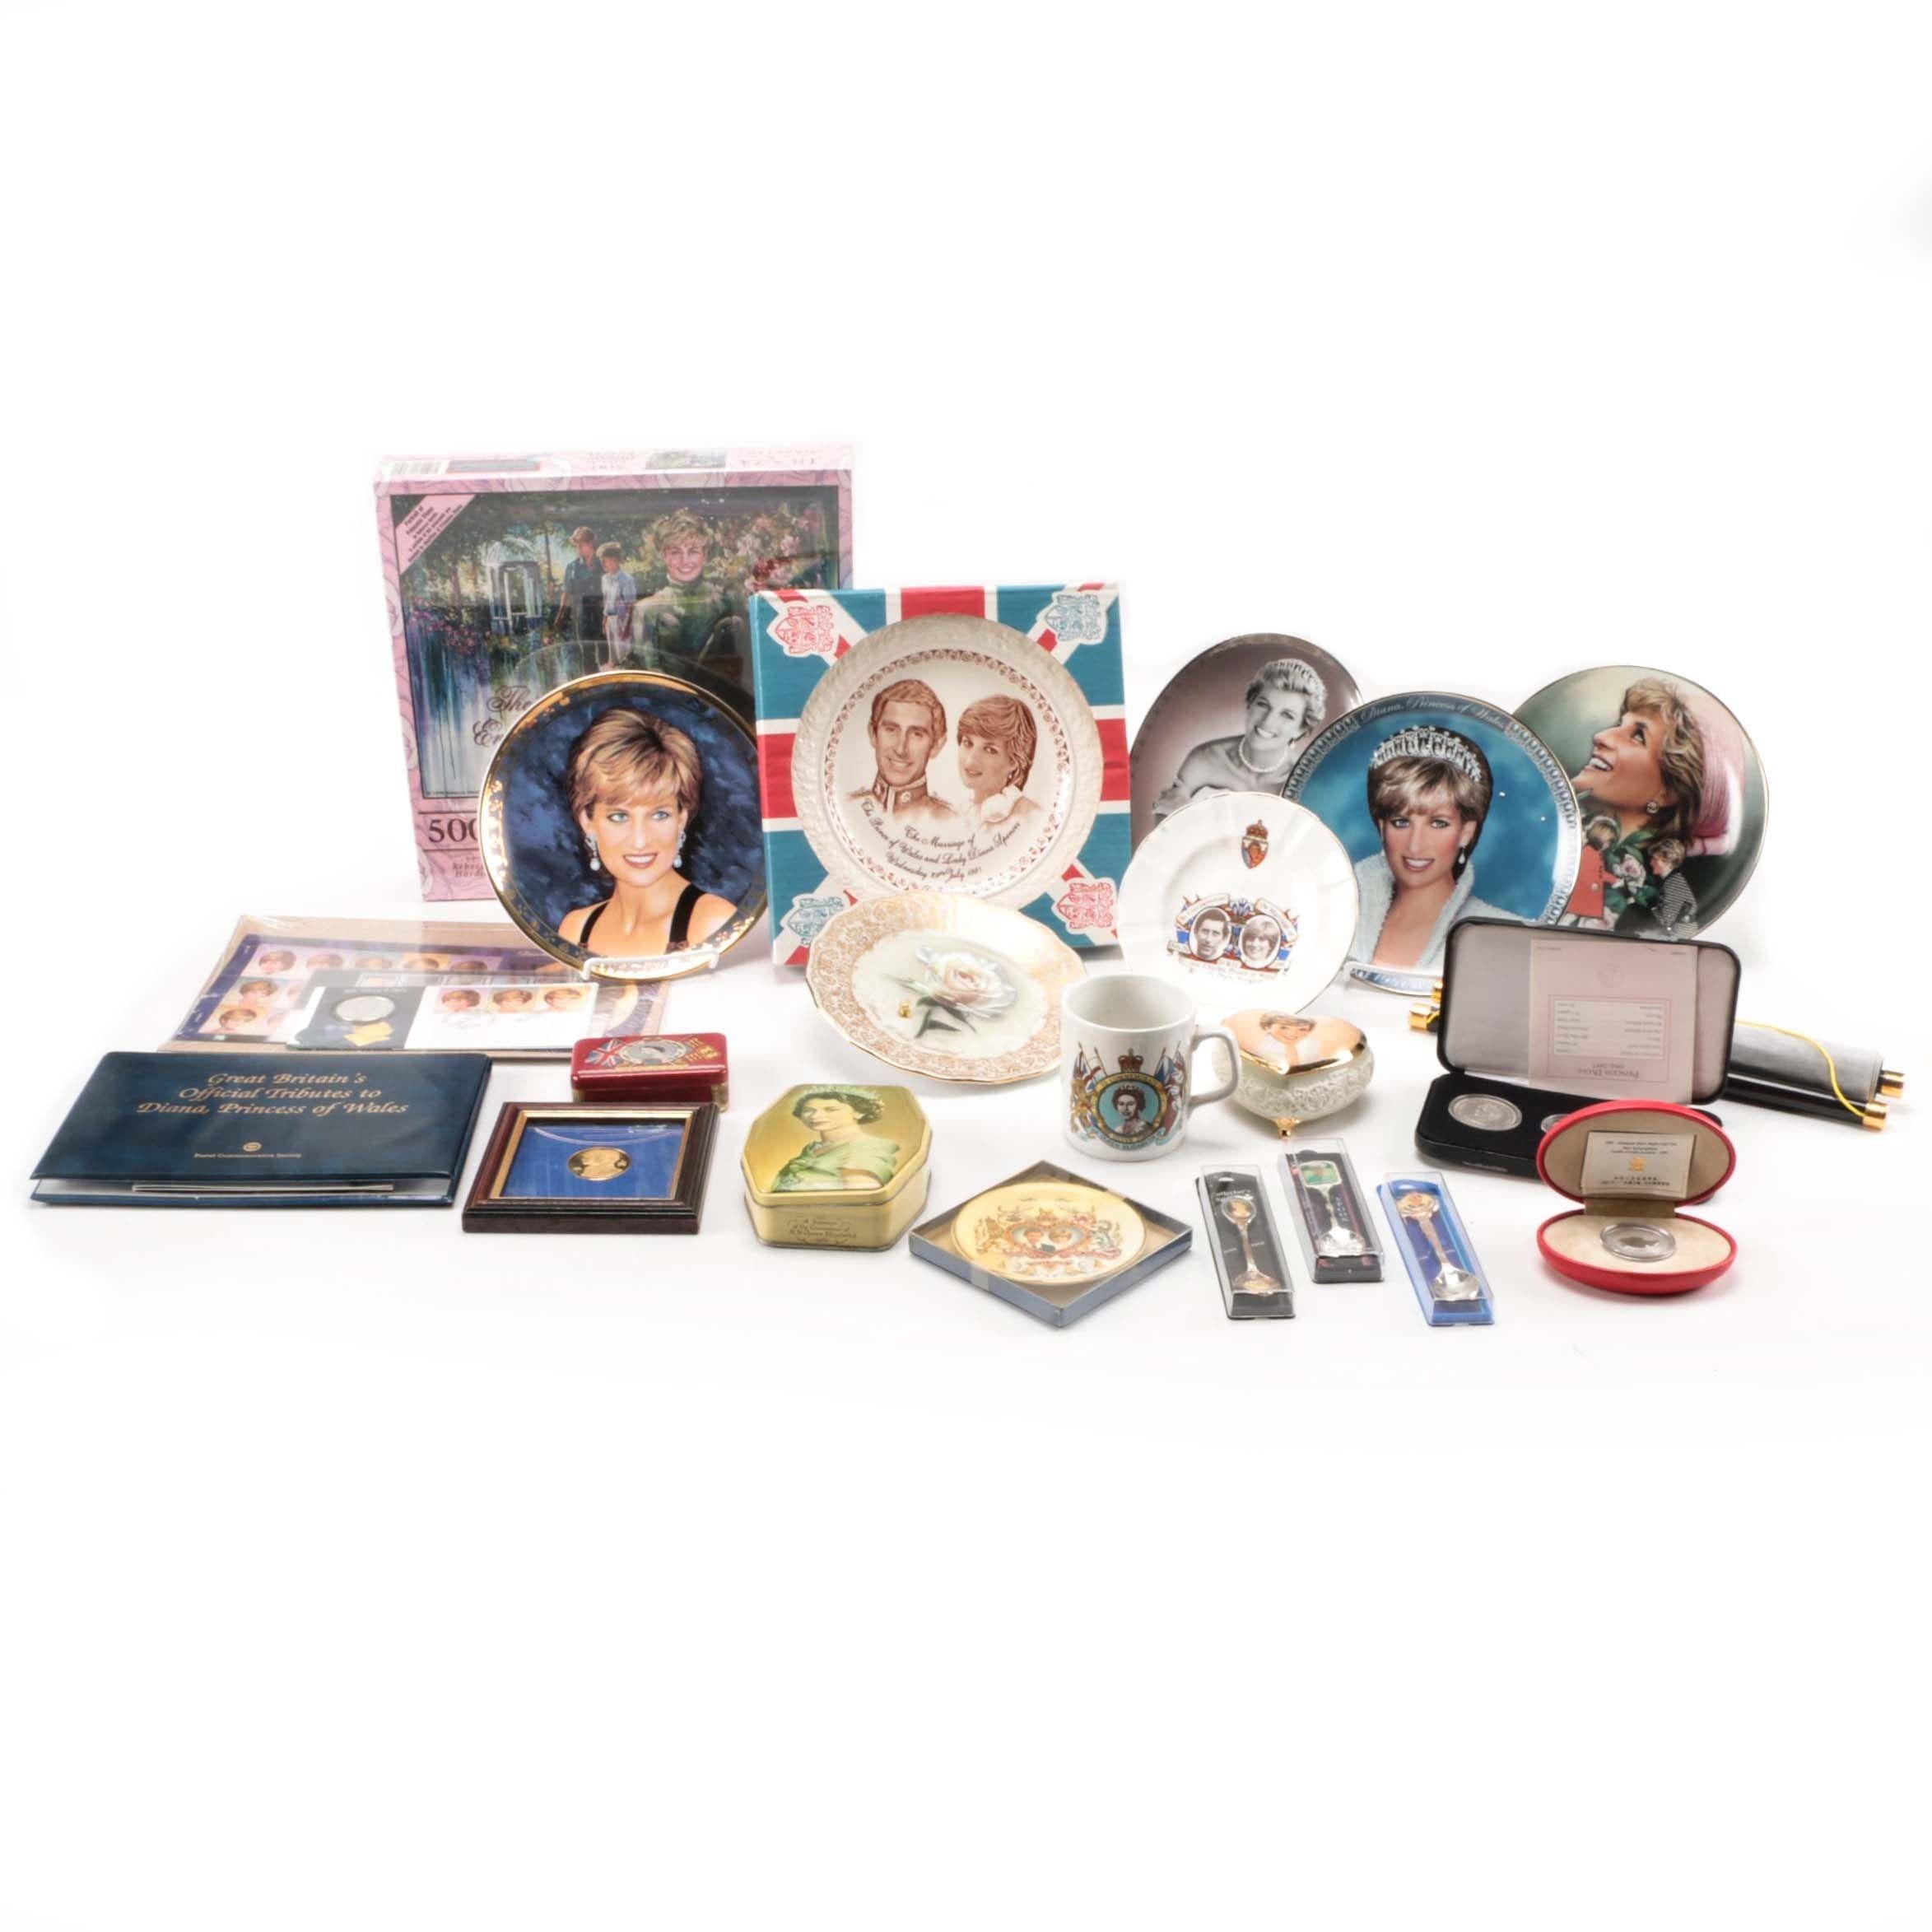 Princess Diana Memorobilia